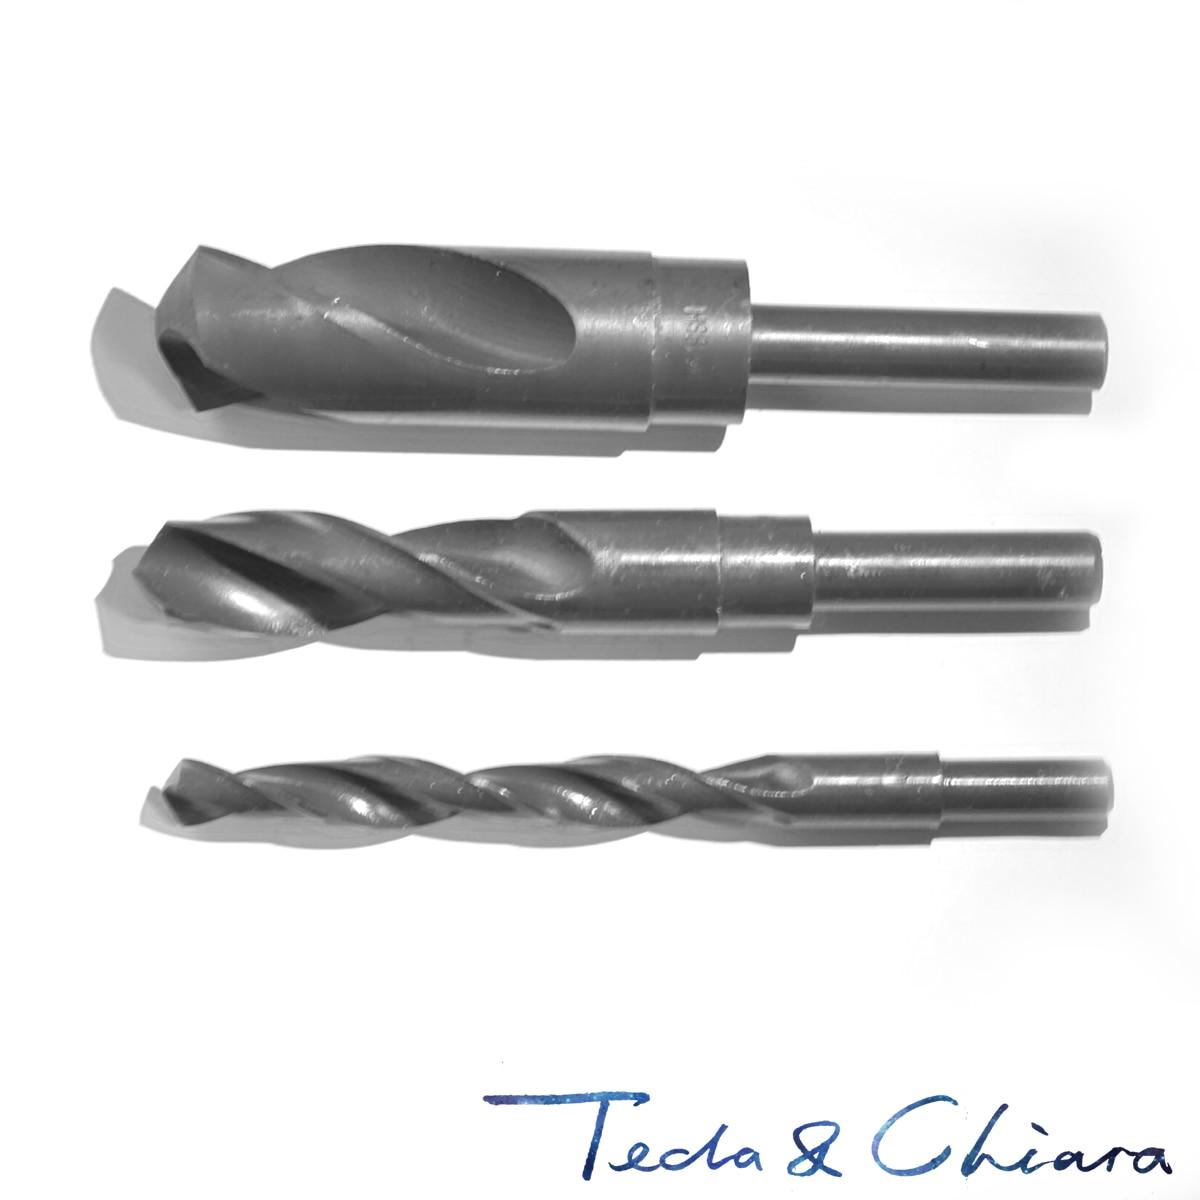 13.6mm 13.7mm 13.8mm 13.9mm 14mm HSS Reduced Straight Crank Twist Drill Bit Shank Dia 12.7mm 1/2 Inch 13.6 13.7 13.8 13.9 14